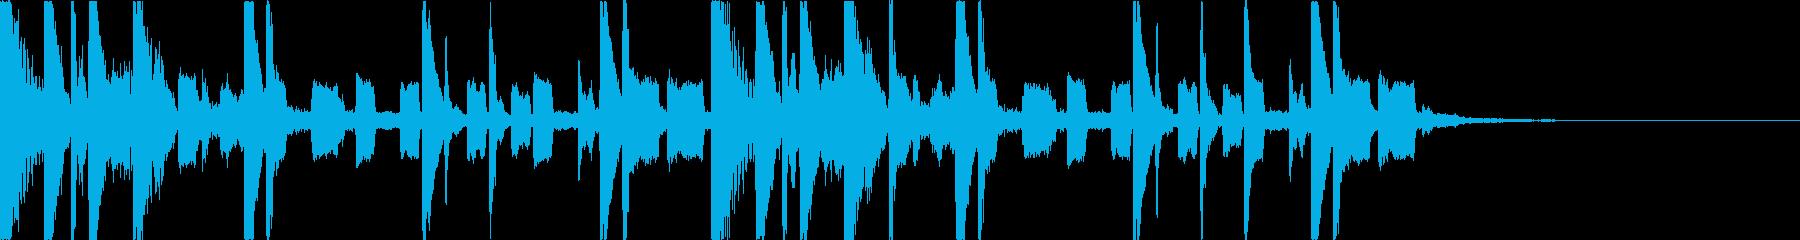 おしゃれかわいいコミカルEDMジングルの再生済みの波形